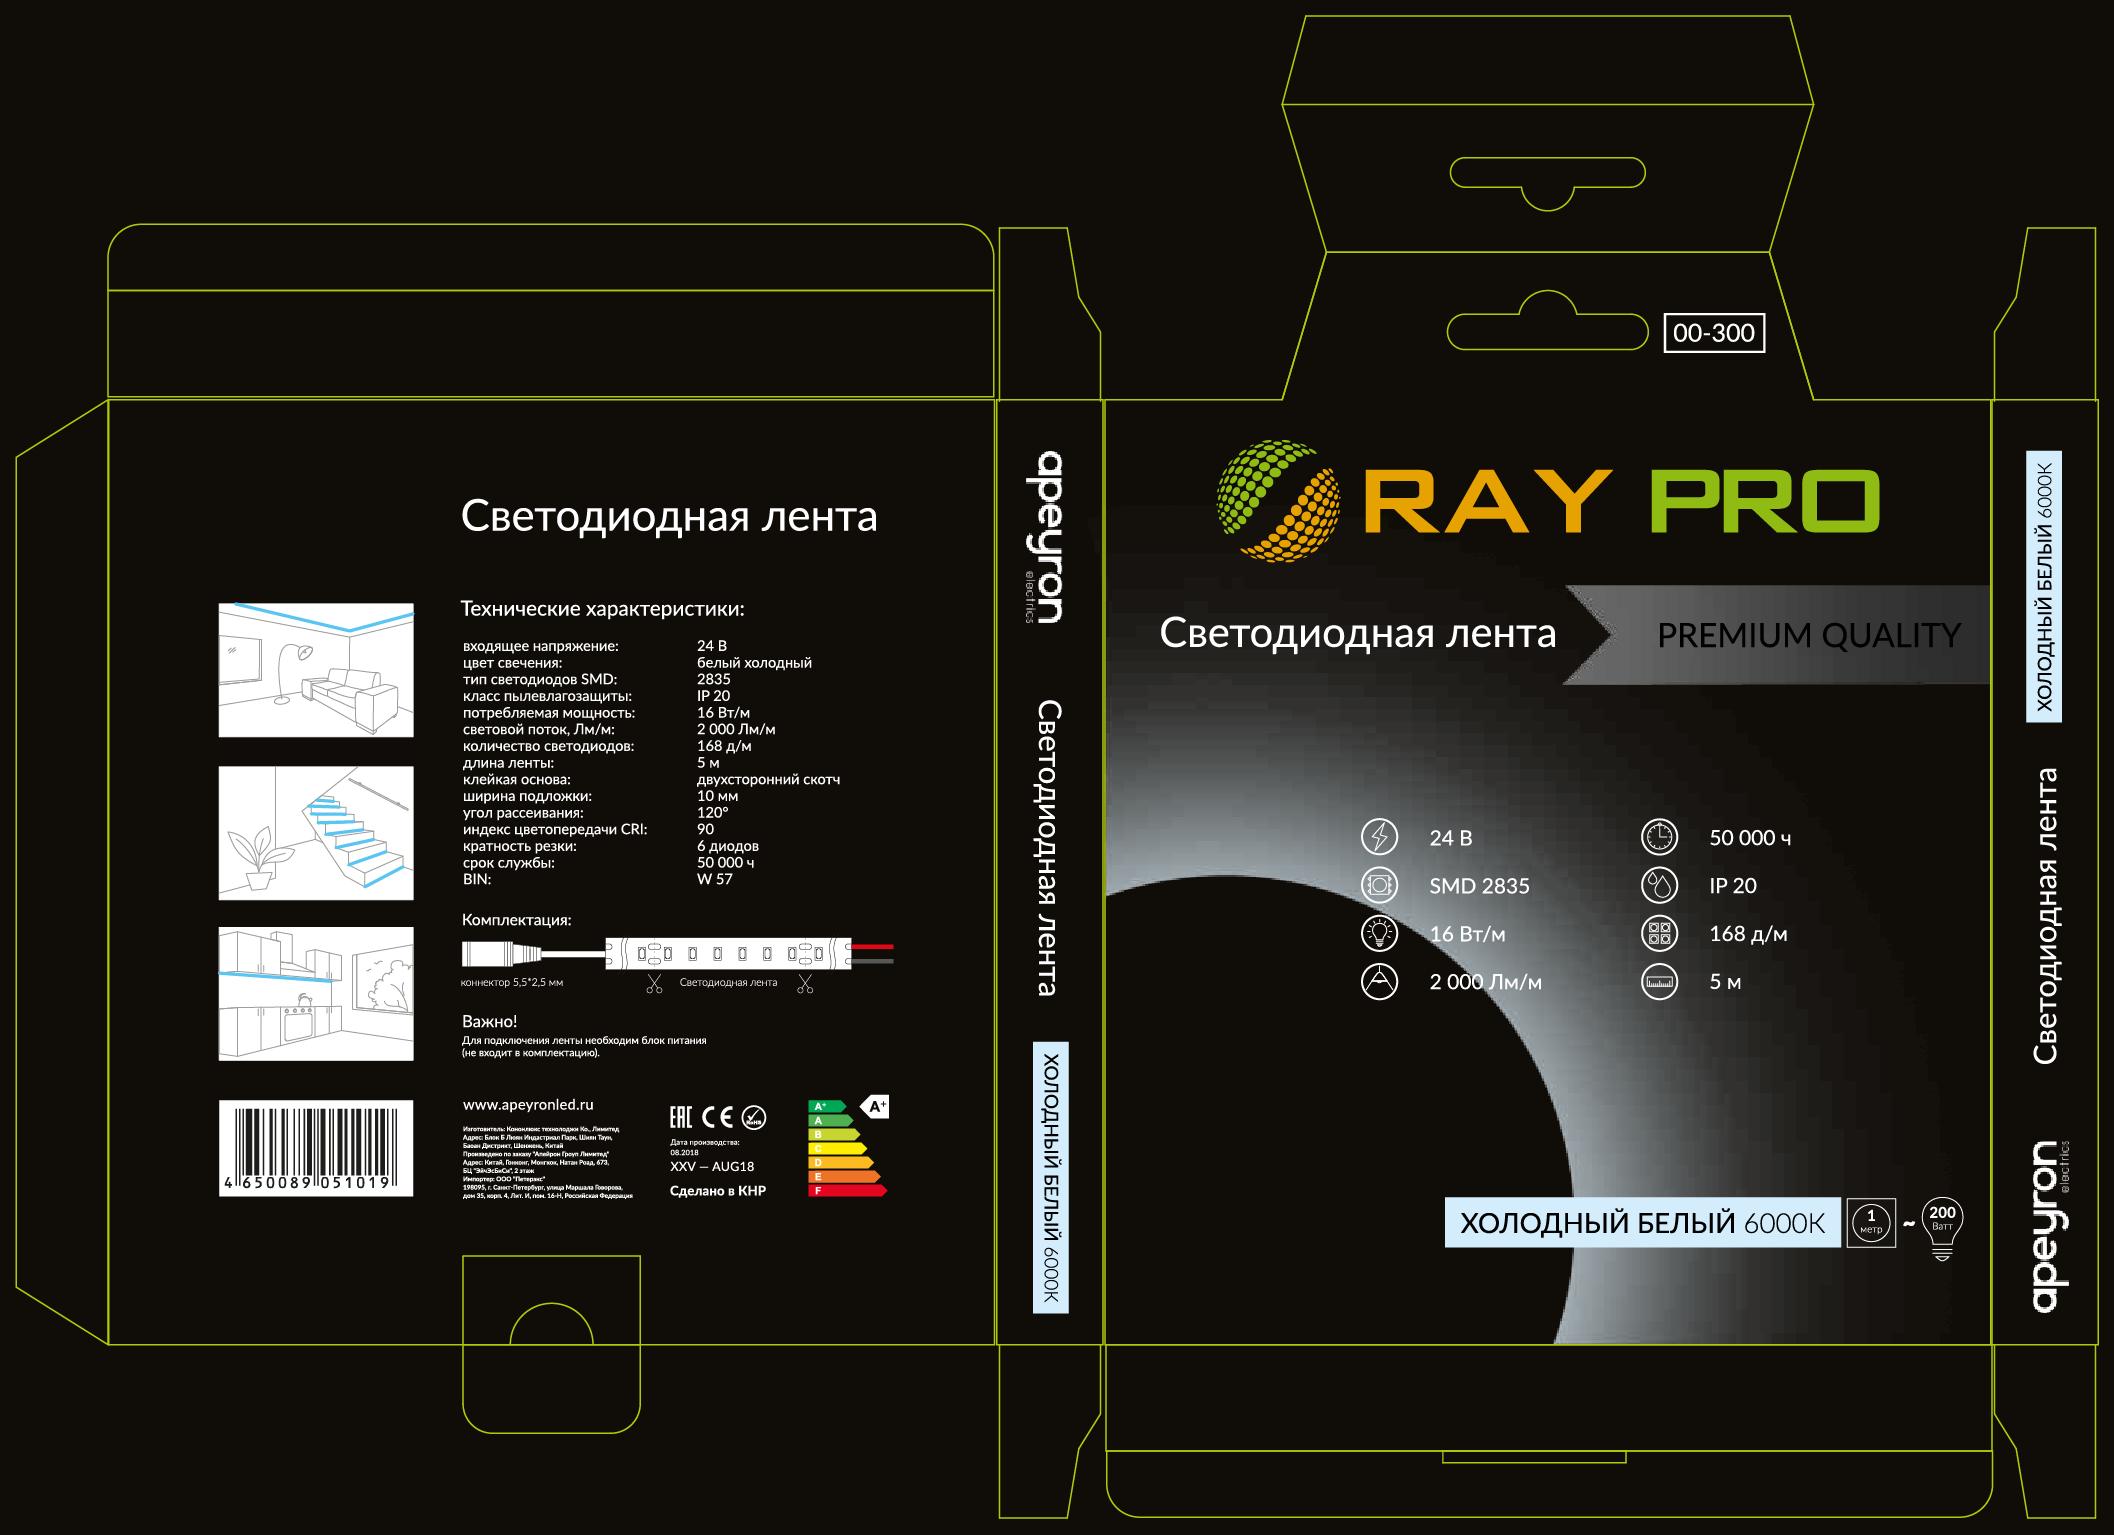 Разработка логотипа (продукт - светодиодная лента) фото f_0575bbe291d807f3.png